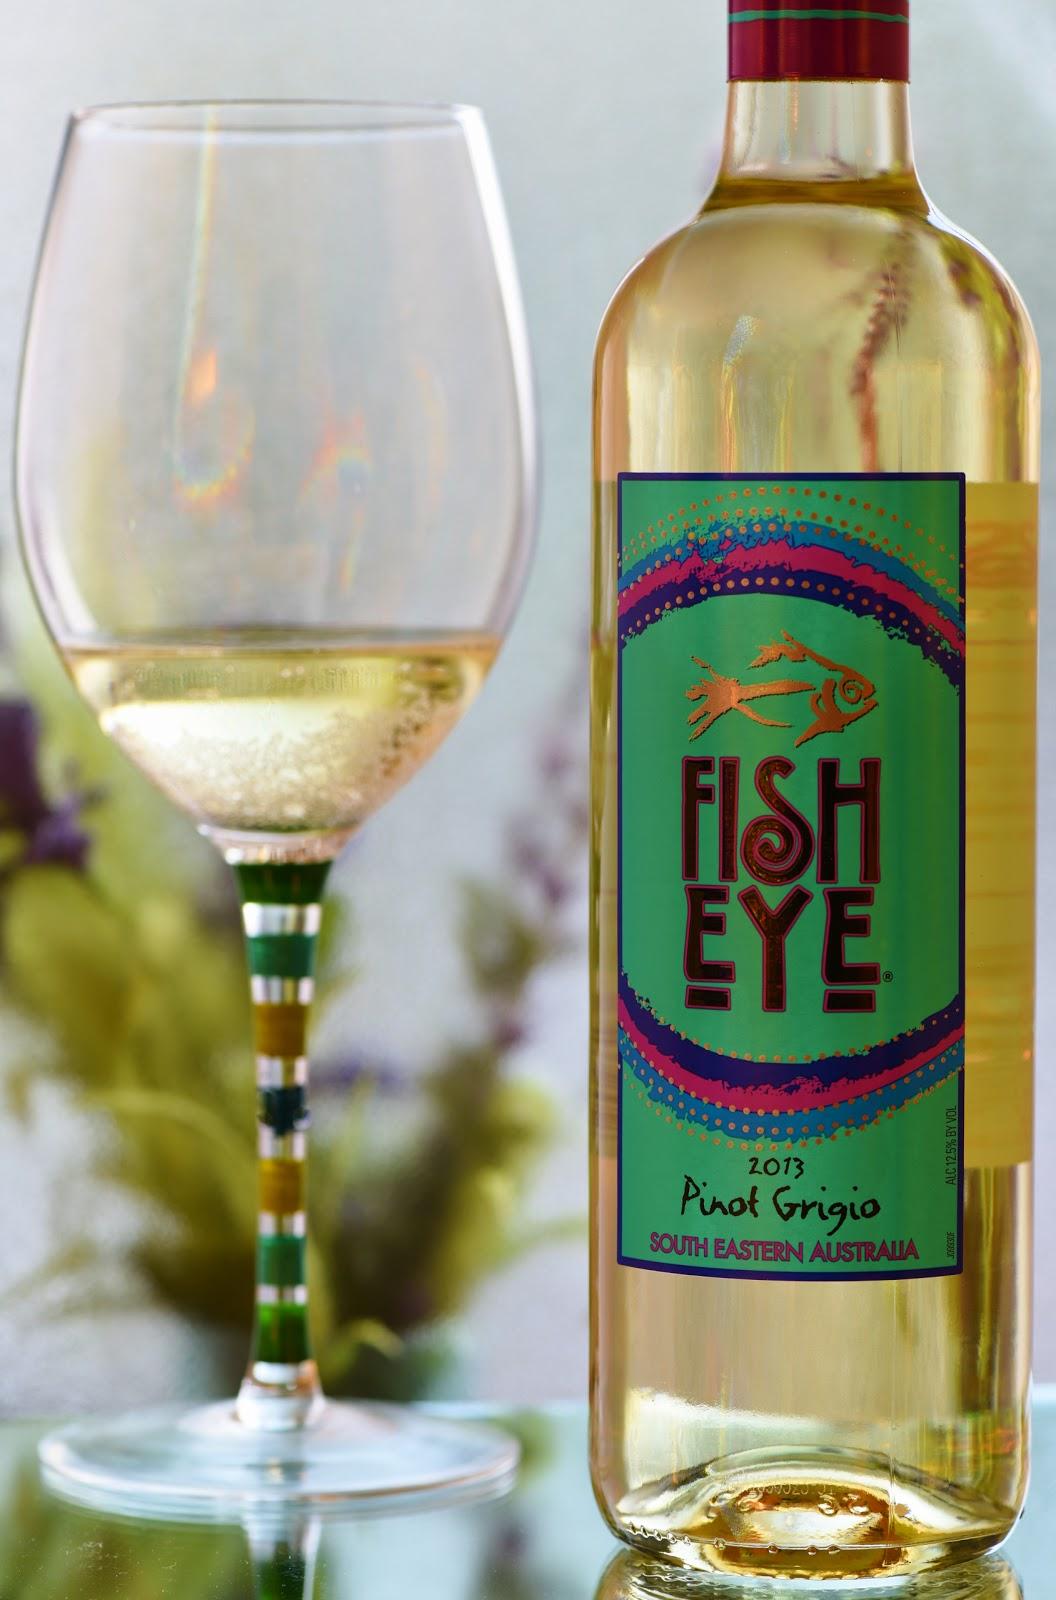 New hampshire wine man fish eye 2013 pinot grigio south for Fish eye pinot grigio